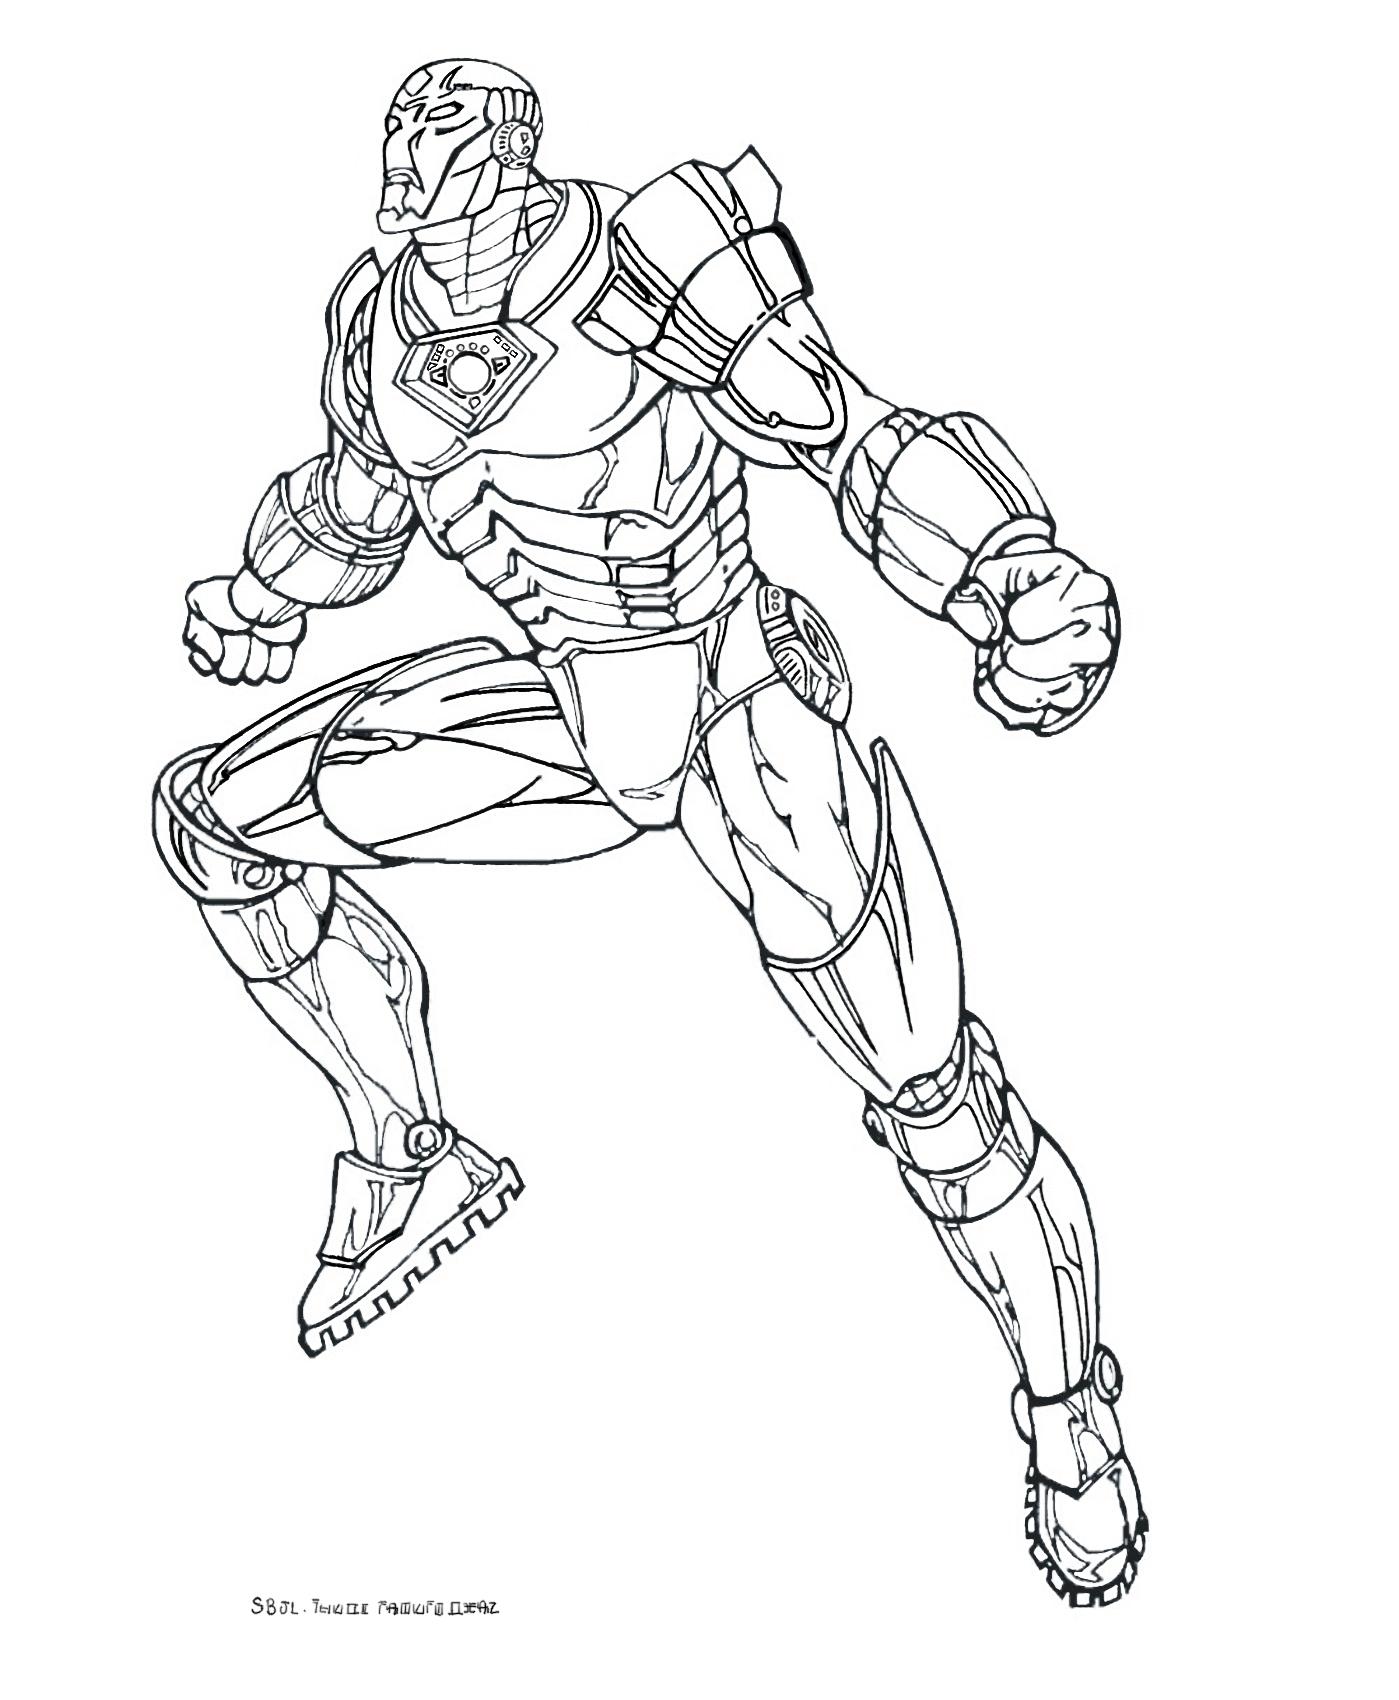 Un autre coloriage d'Iron Man à imprimer